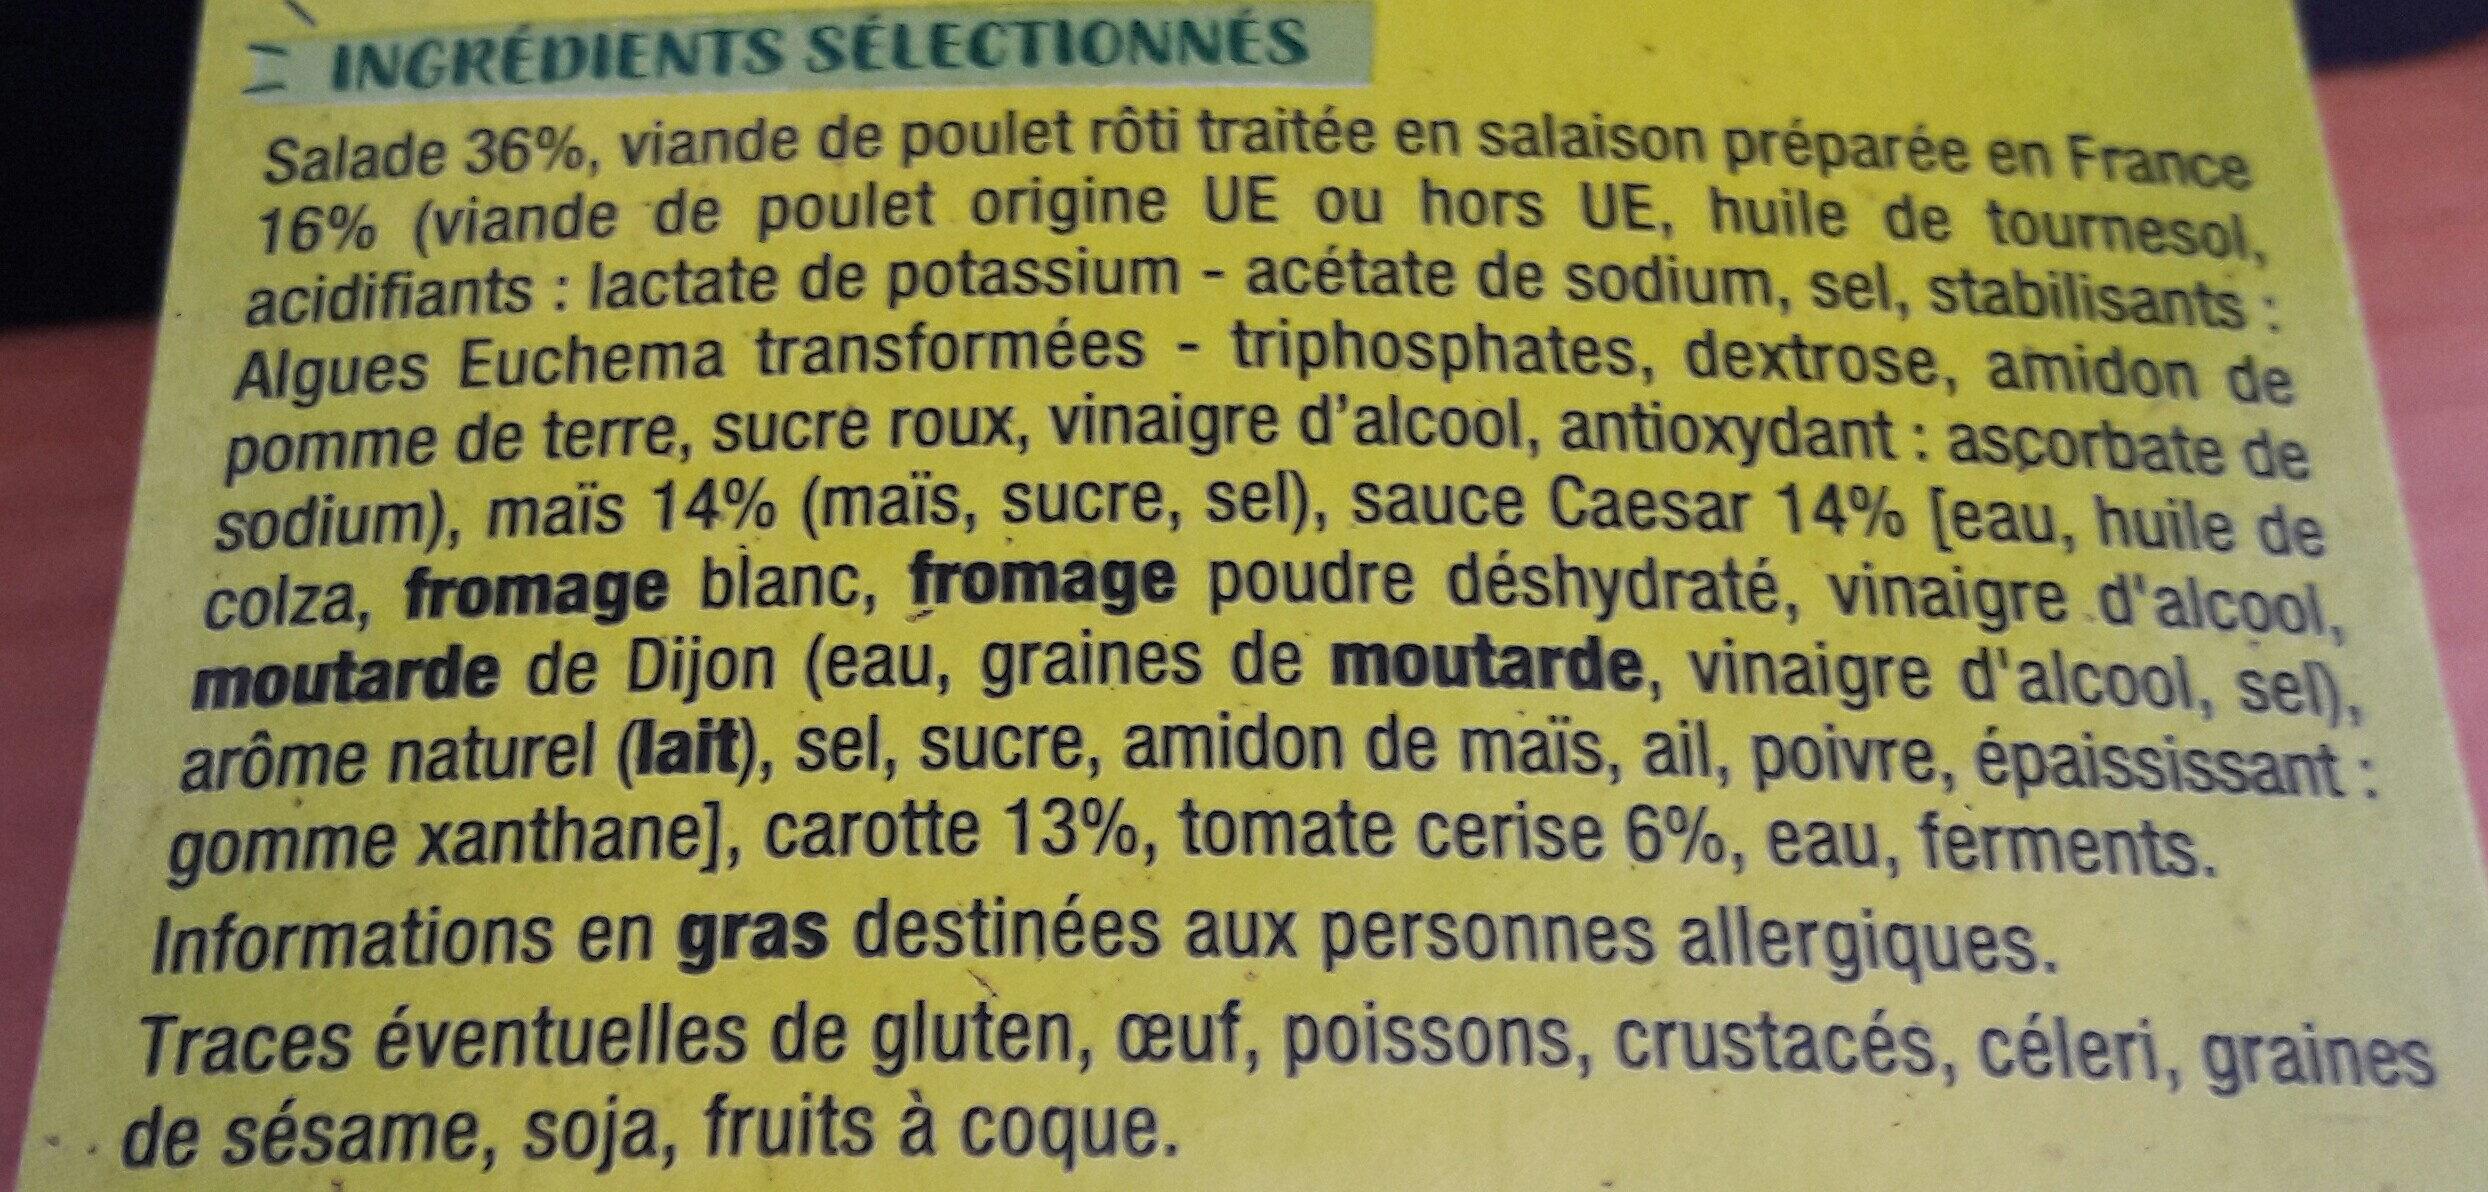 Bulle Fraîcheur Poulet Crudités sauce caesar - Ingrédients - fr